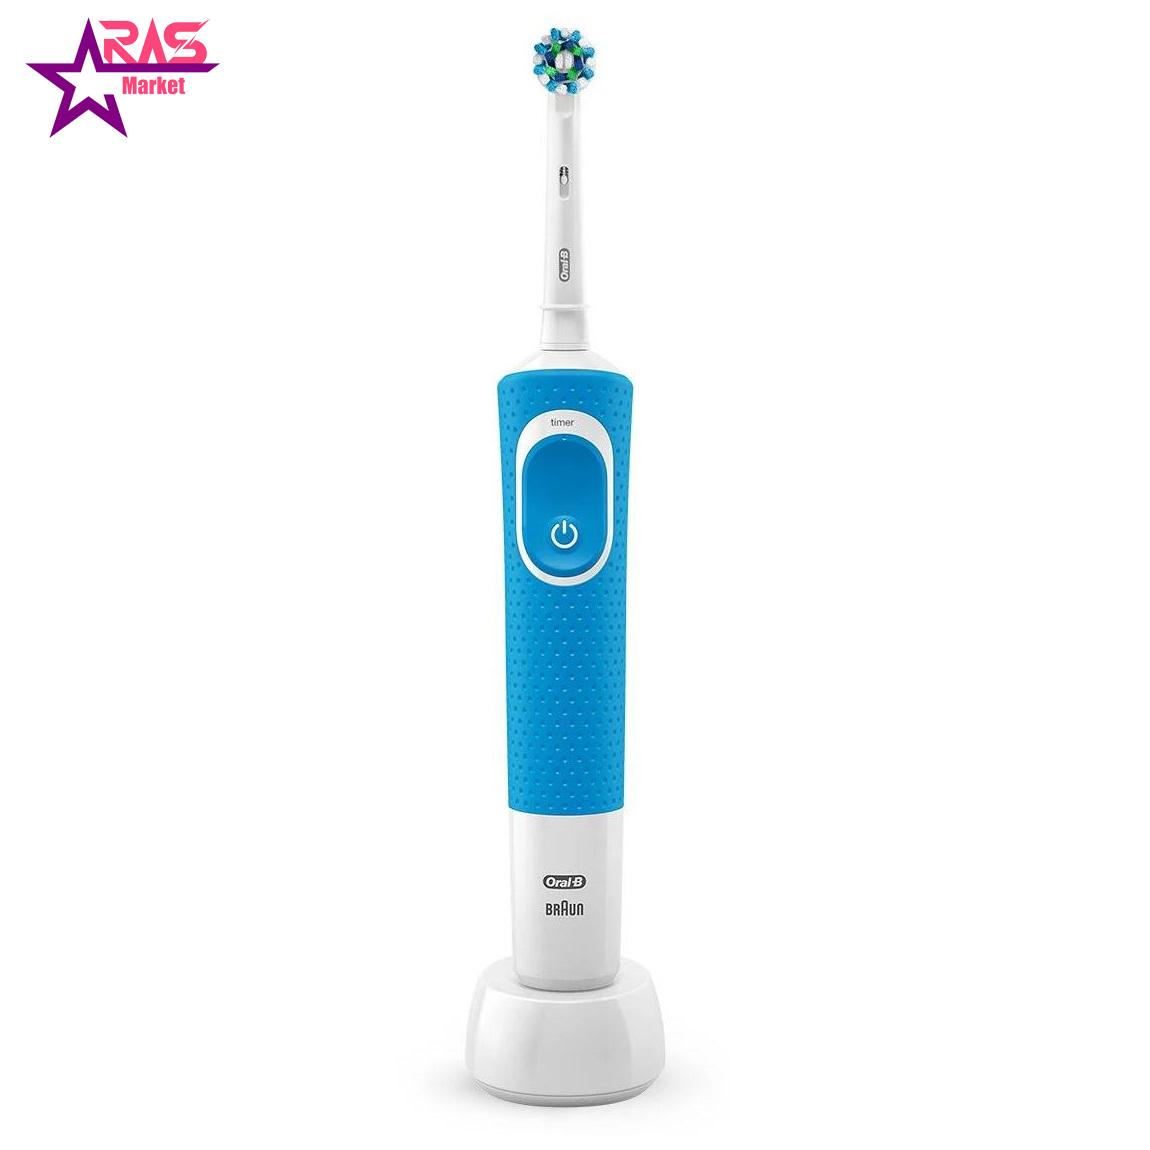 مسواک برقی اورال بی مدل Vitality 100 Cross Action رنگ آبی ، فروشگاه اینترنتی ارس مارکت ، بهداشت دهان و دندان